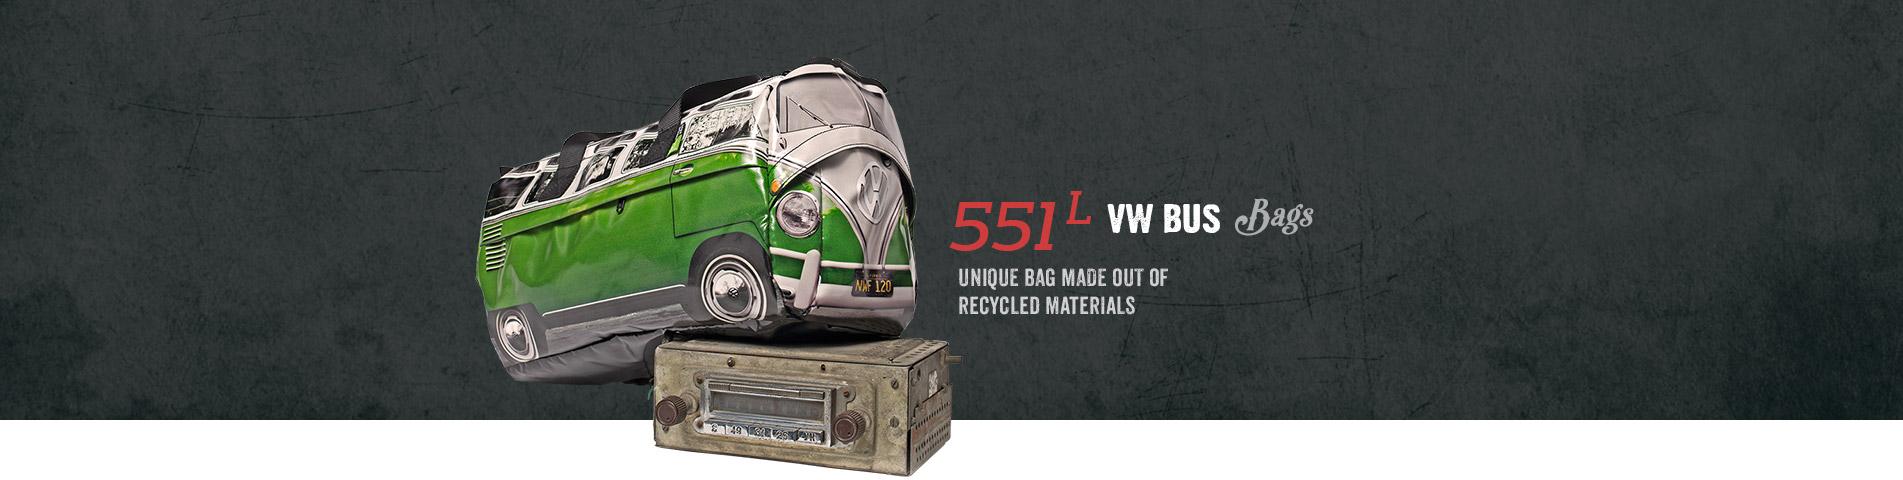 551 L VW Bus Bags